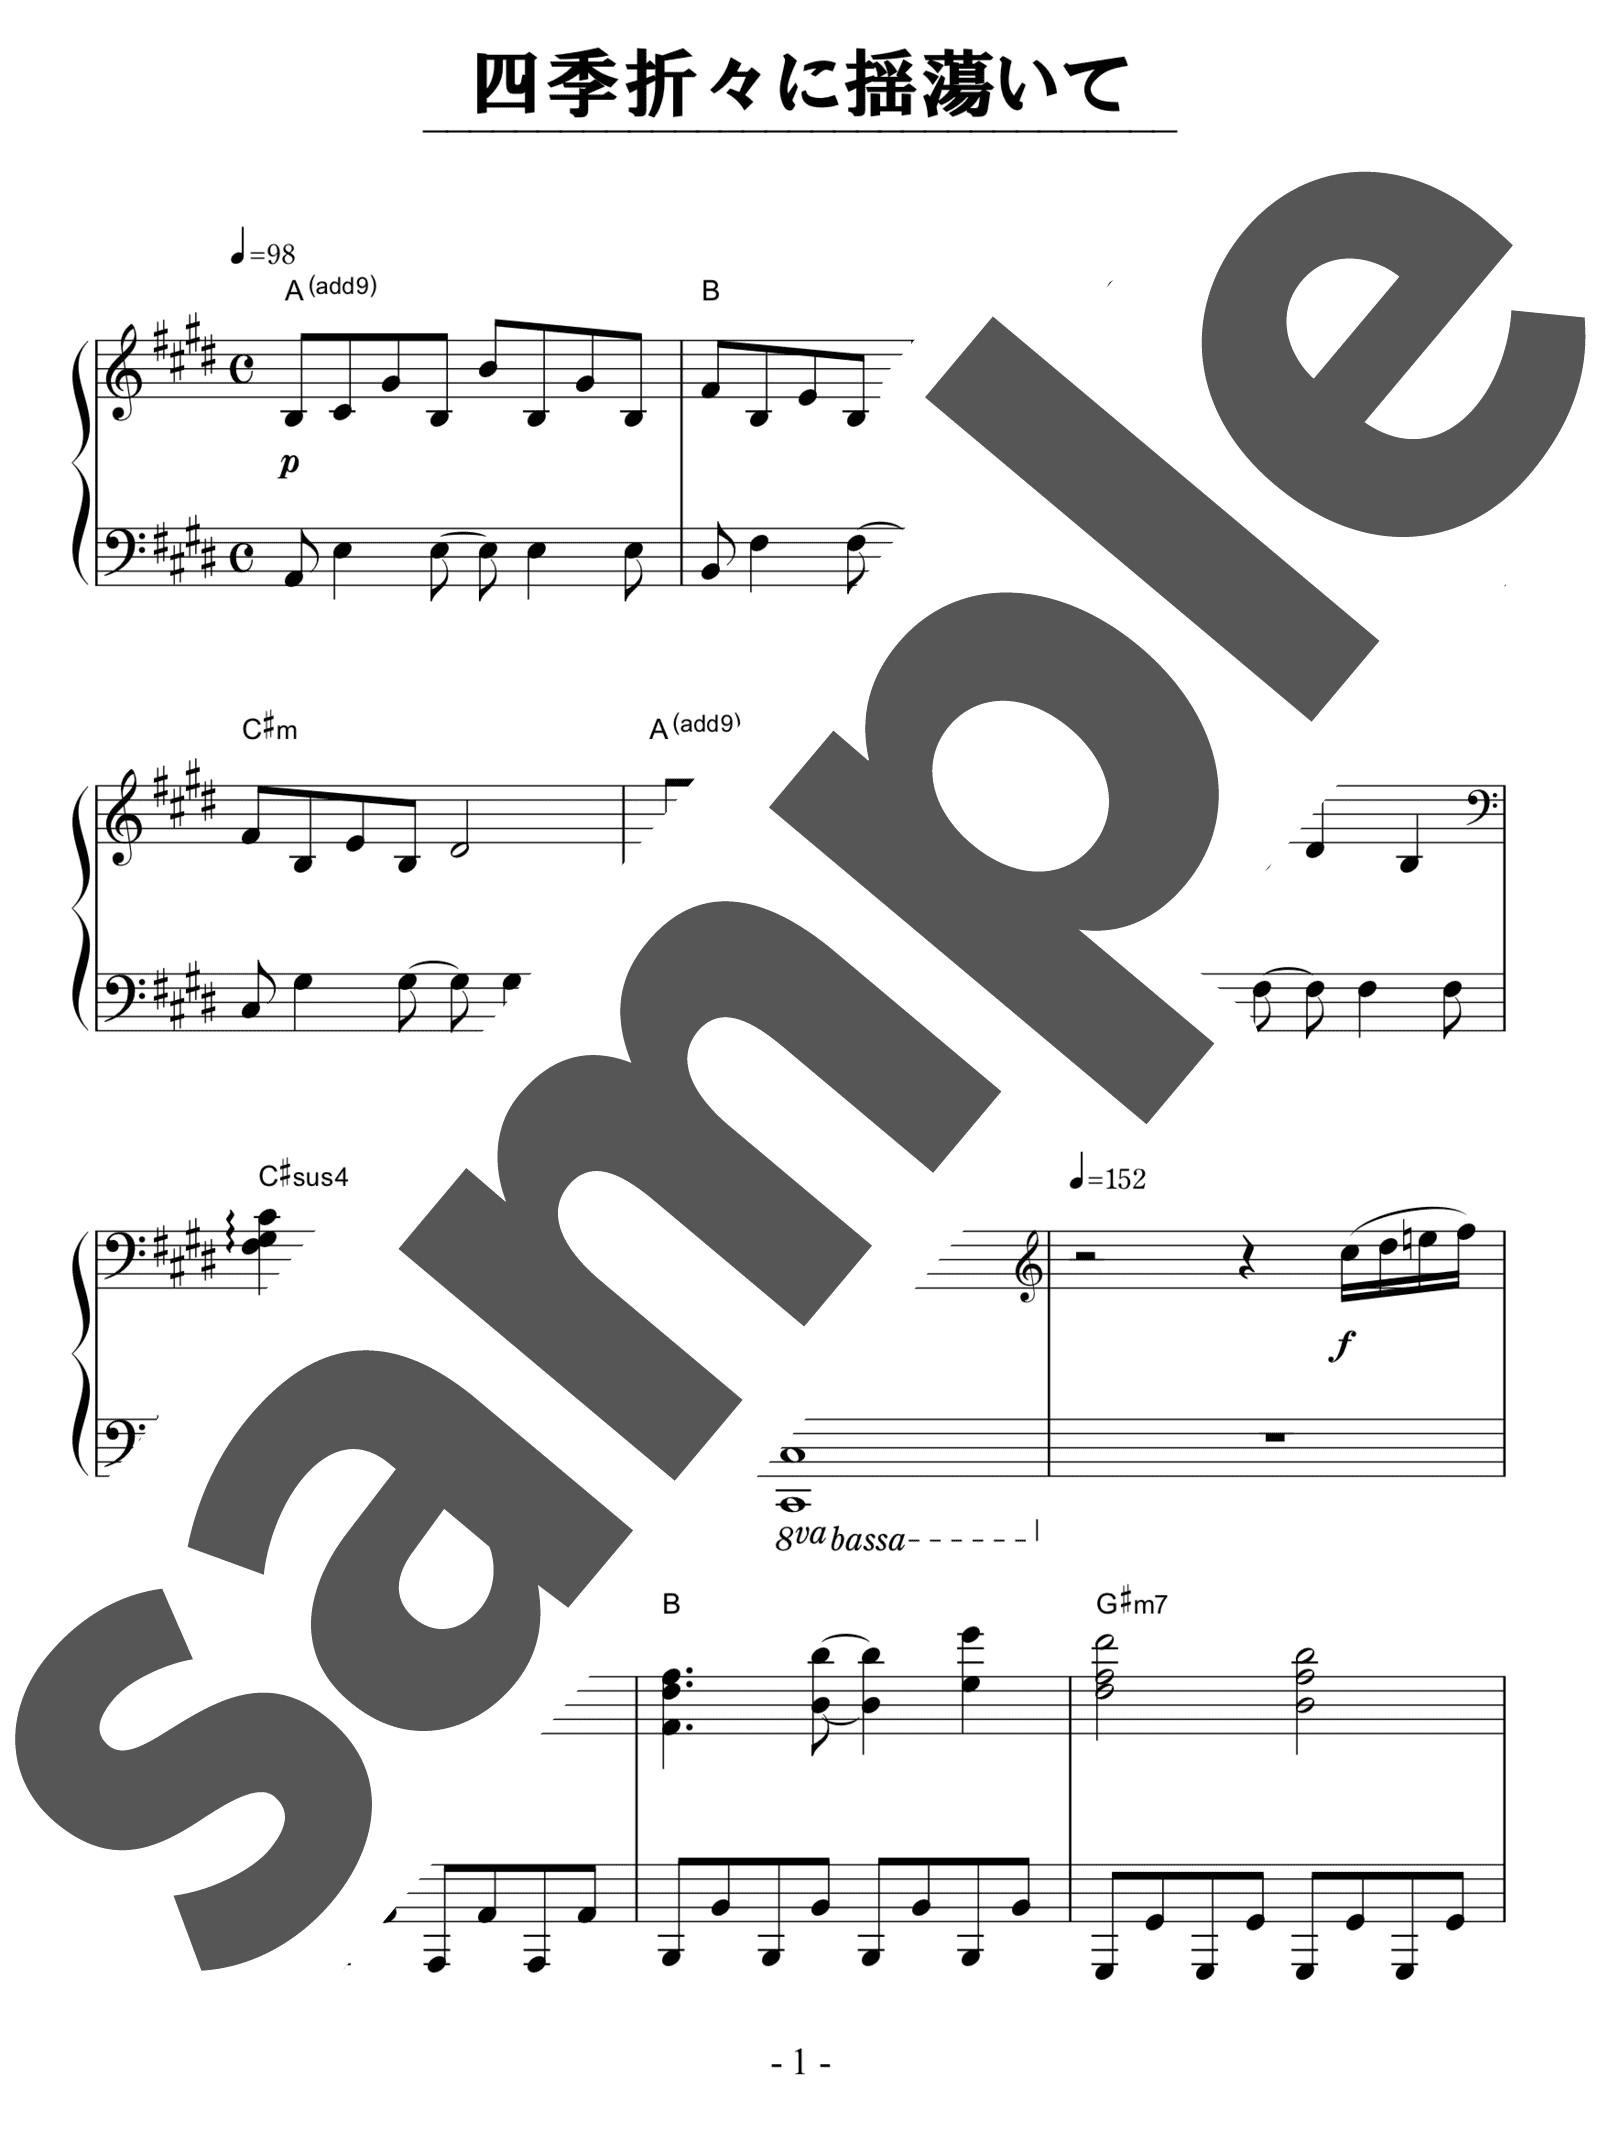 「四季折々に揺蕩いて」のサンプル楽譜